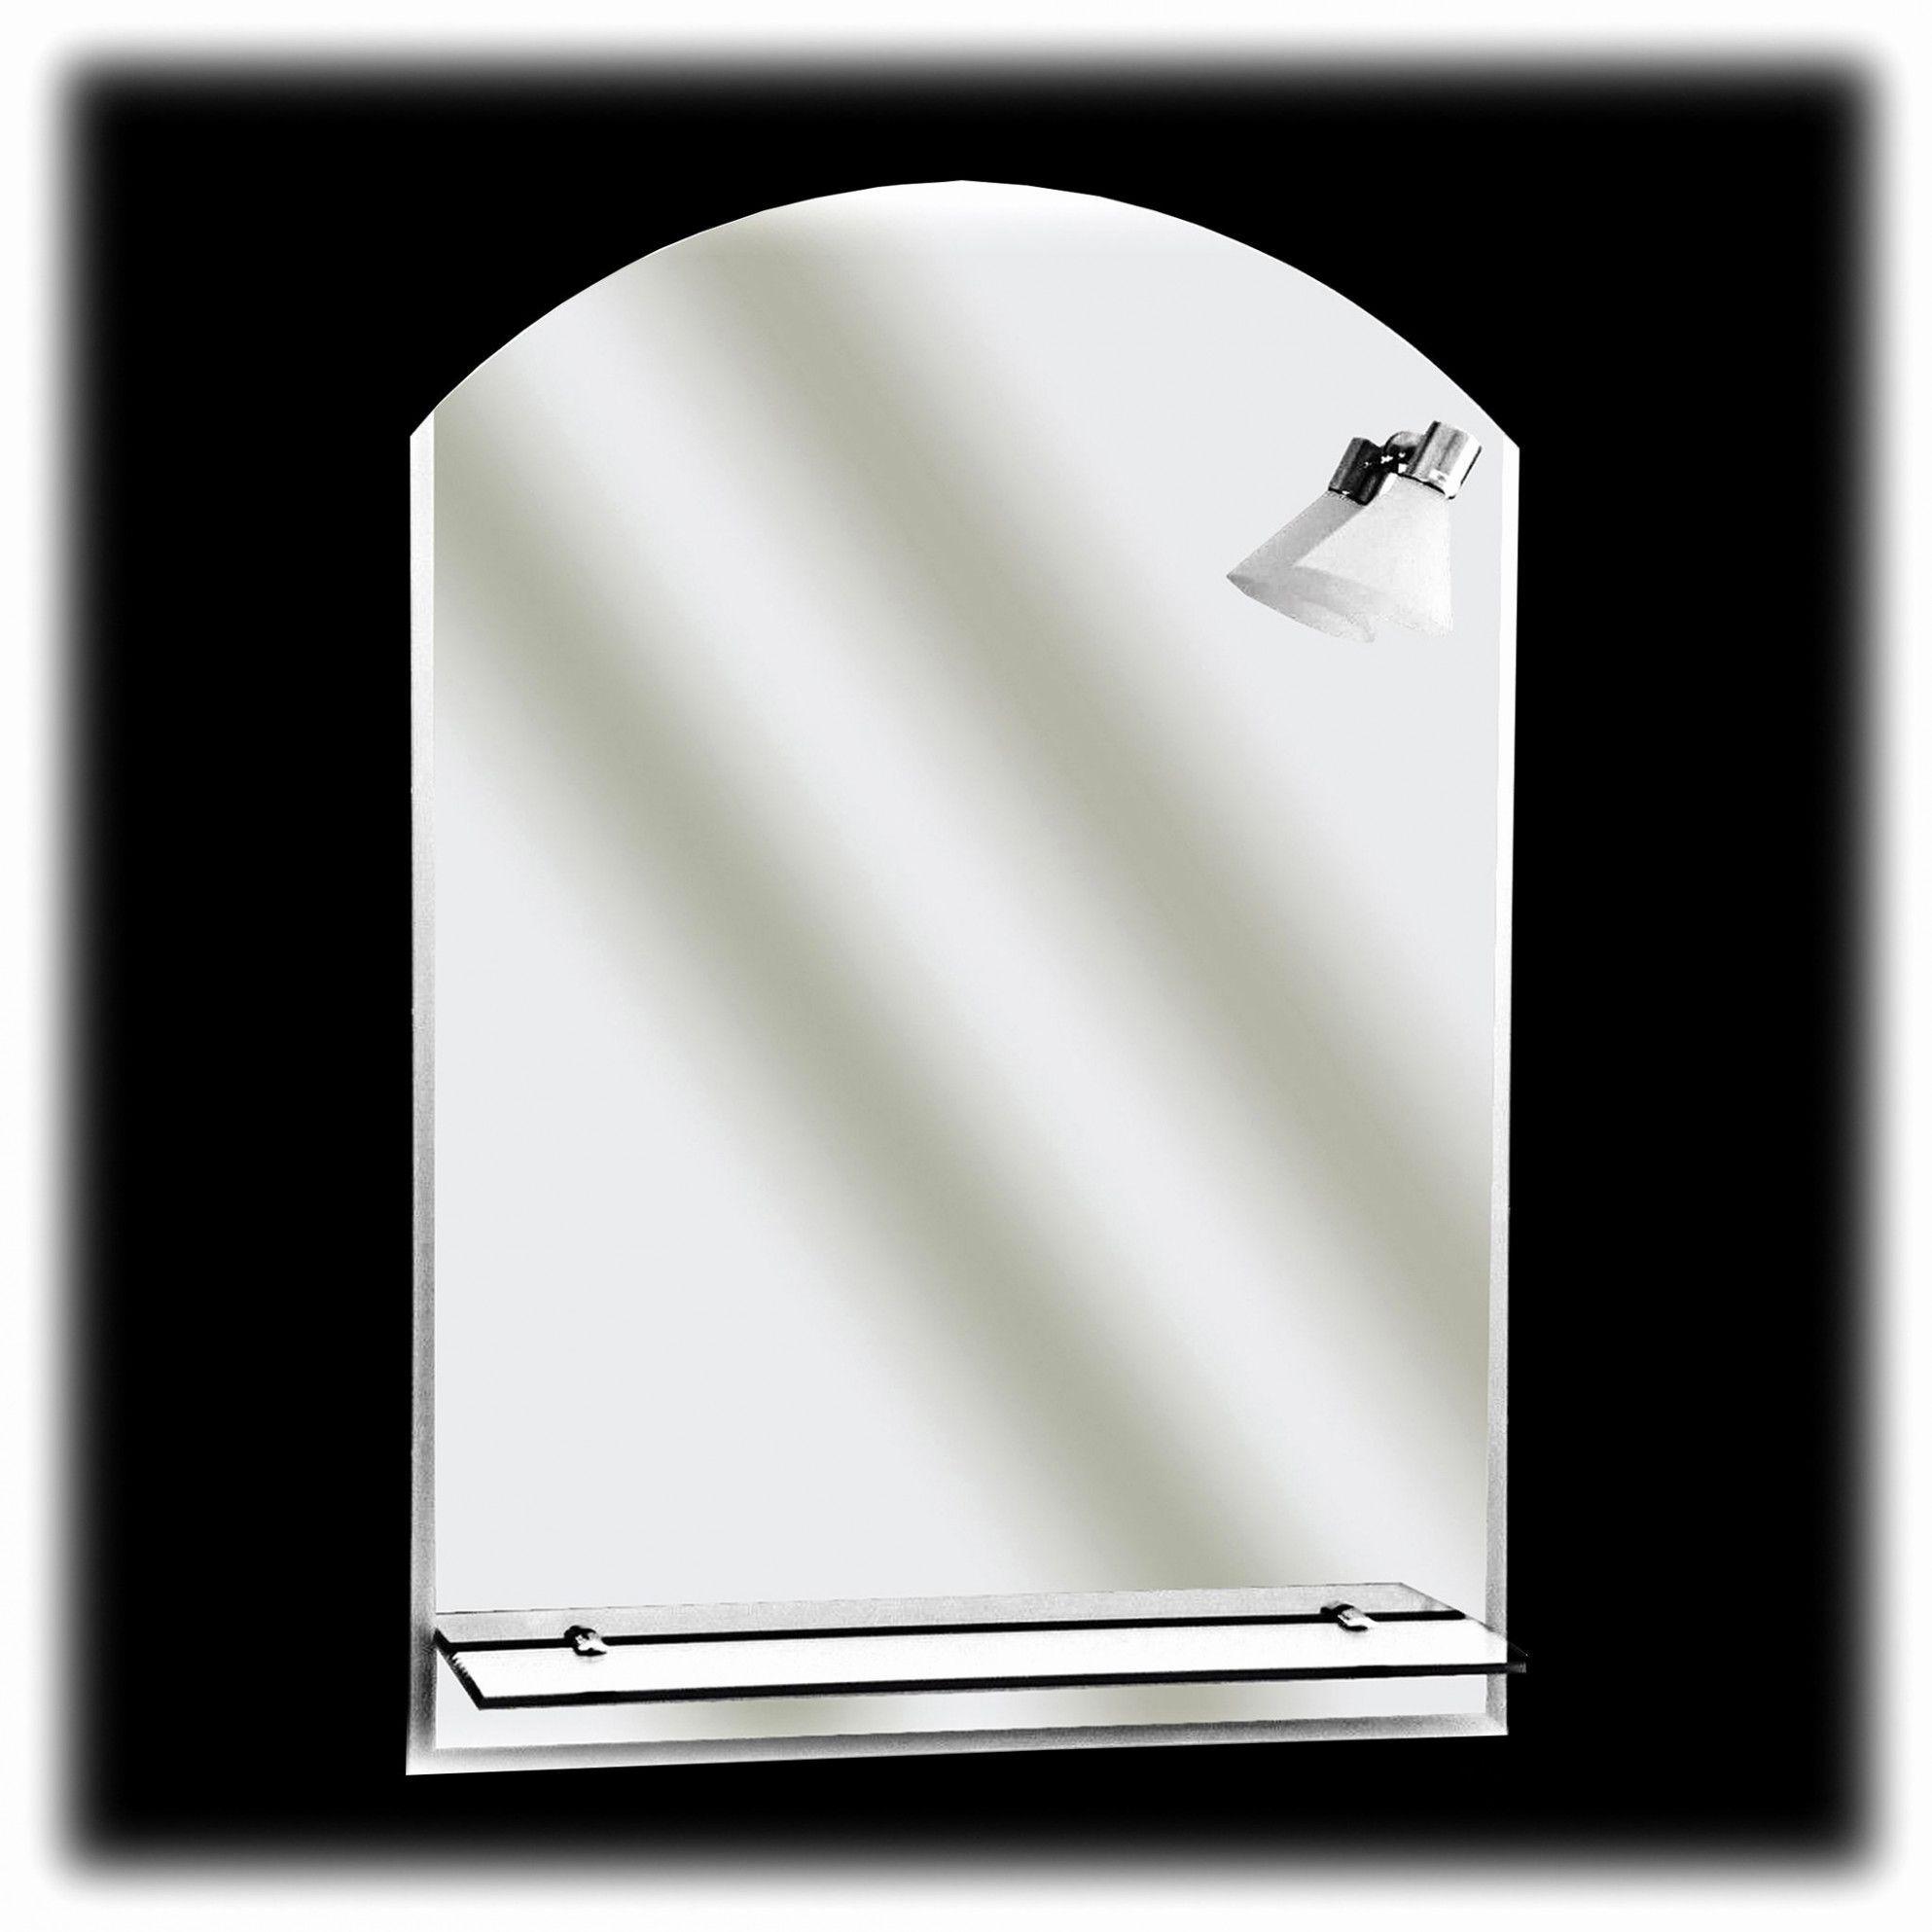 Badezim Badezimmers Des Lampe Moglichkeiten Obi Spiegel Vorbereitung Zehn Zur Zehn Moglichkeiten Zur Vor Cabinet Furniture Decor Styles Home Pictures